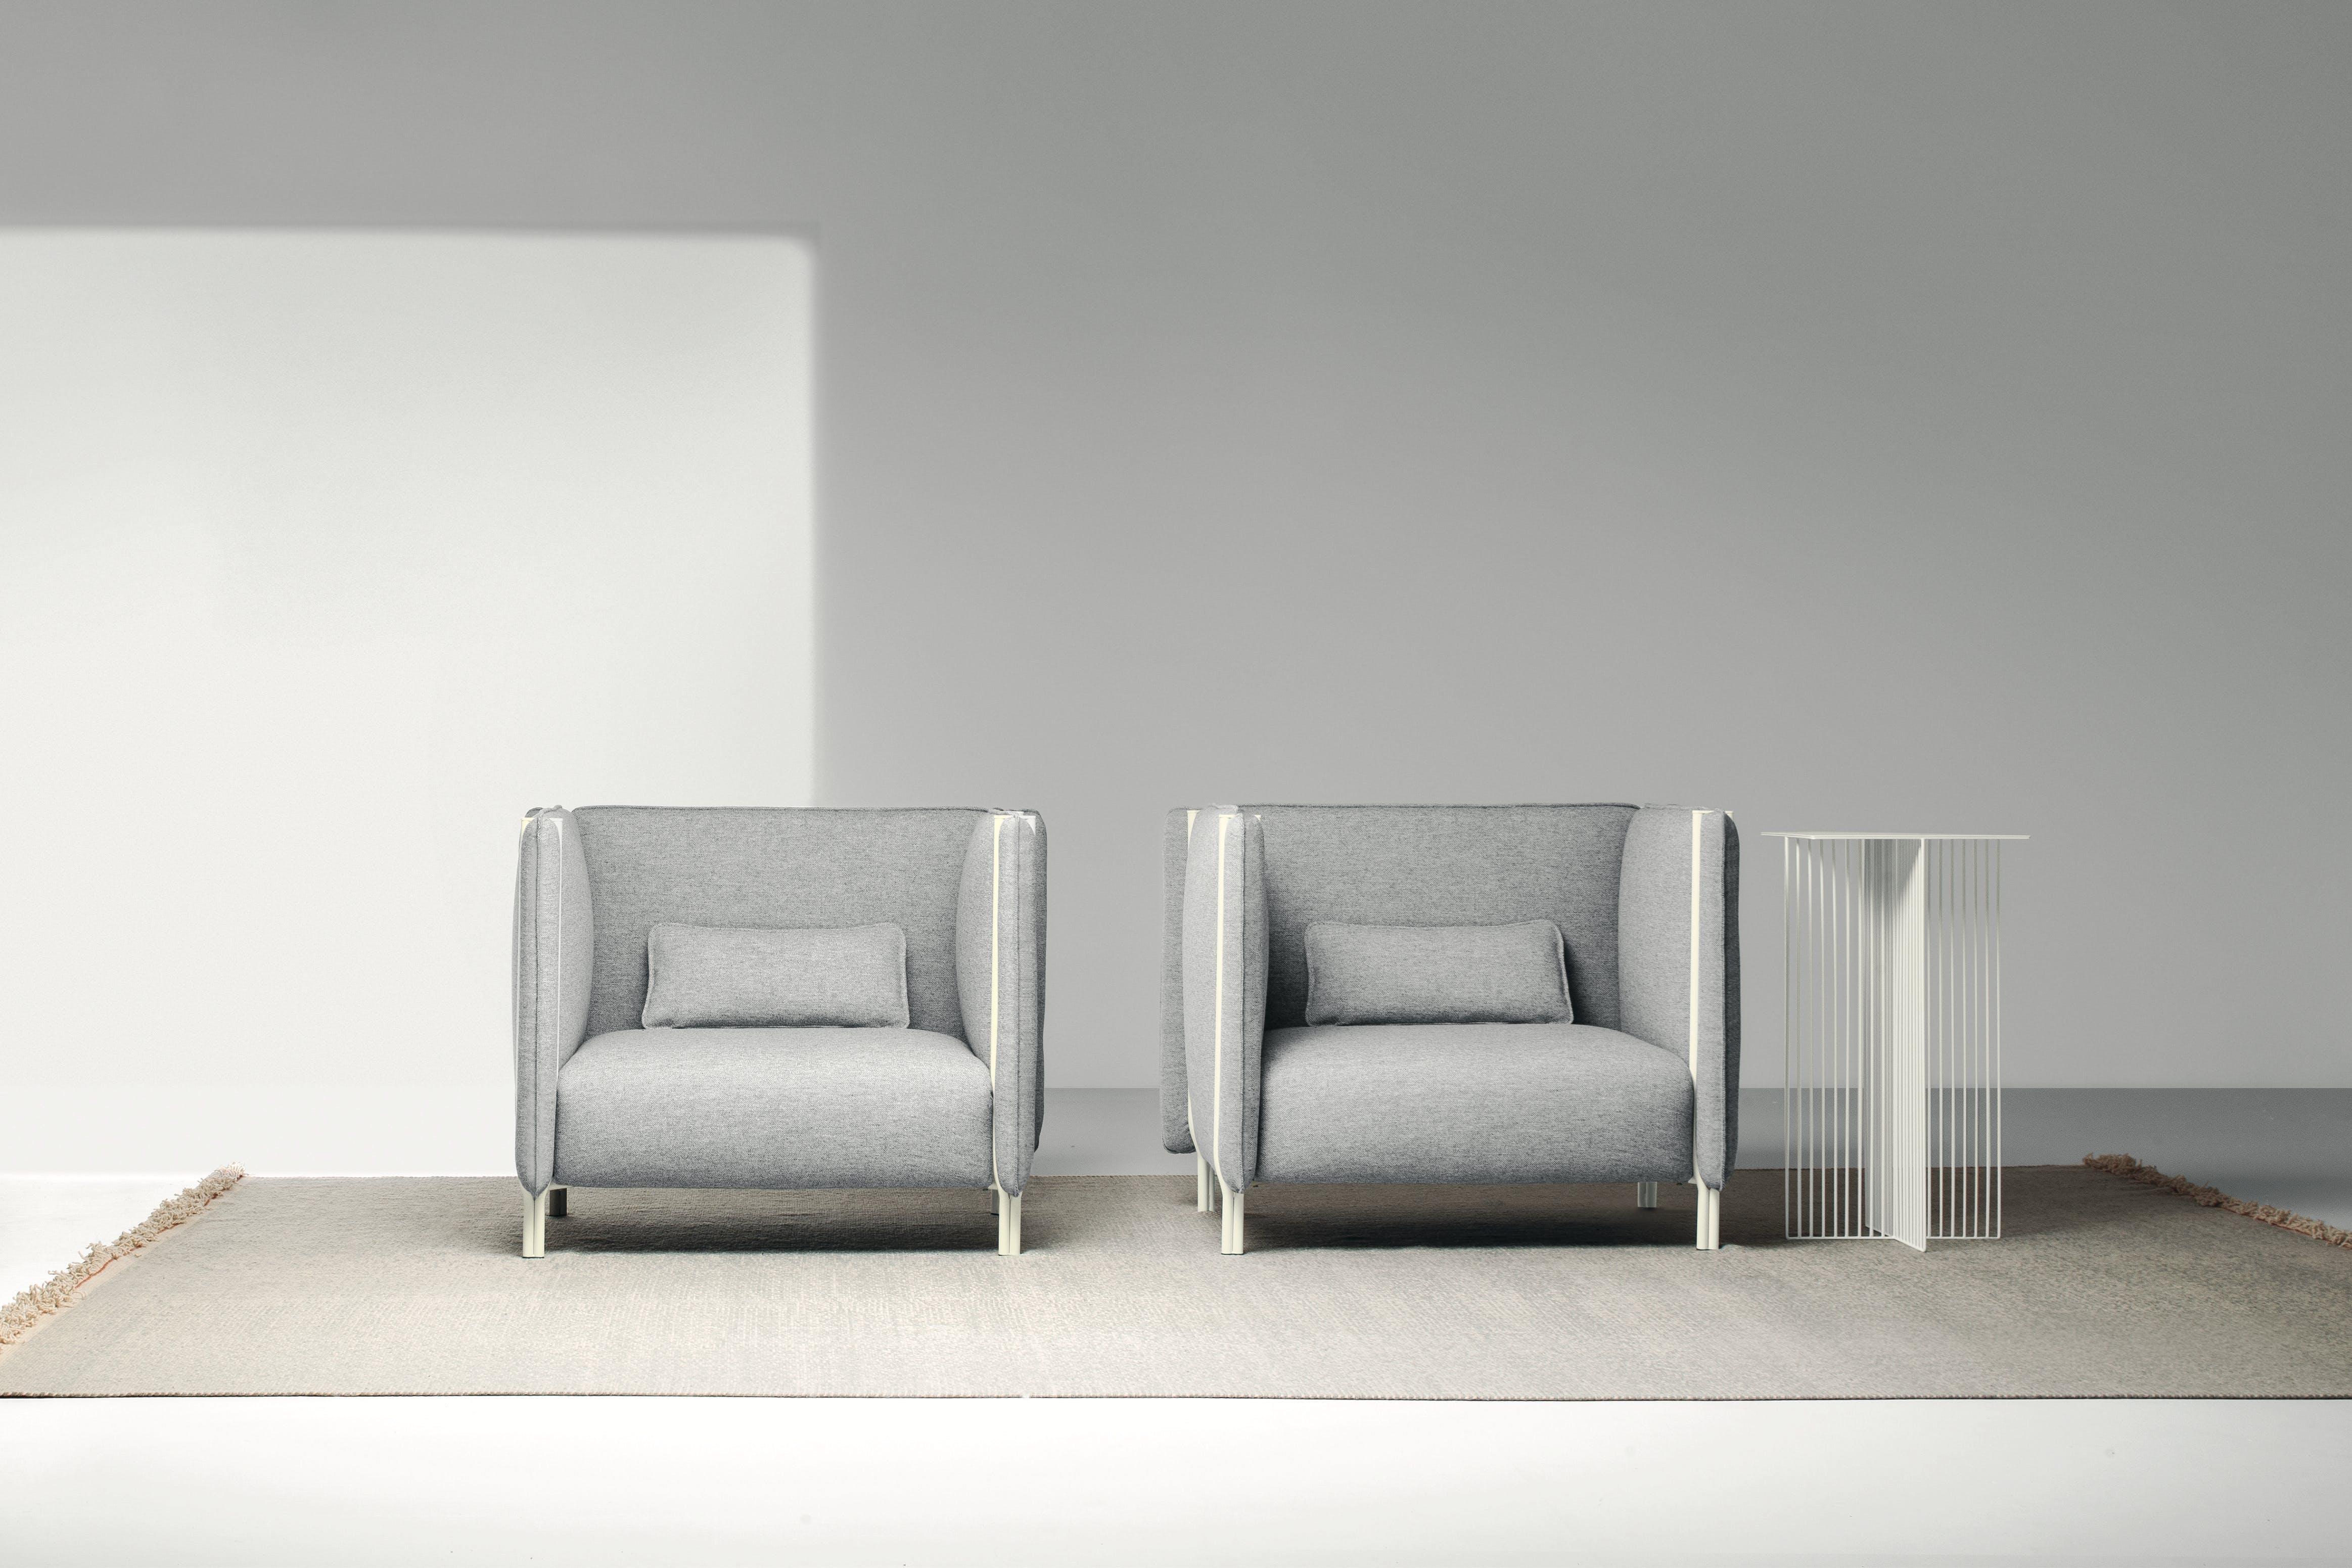 Pinch Sofa by La Cividina